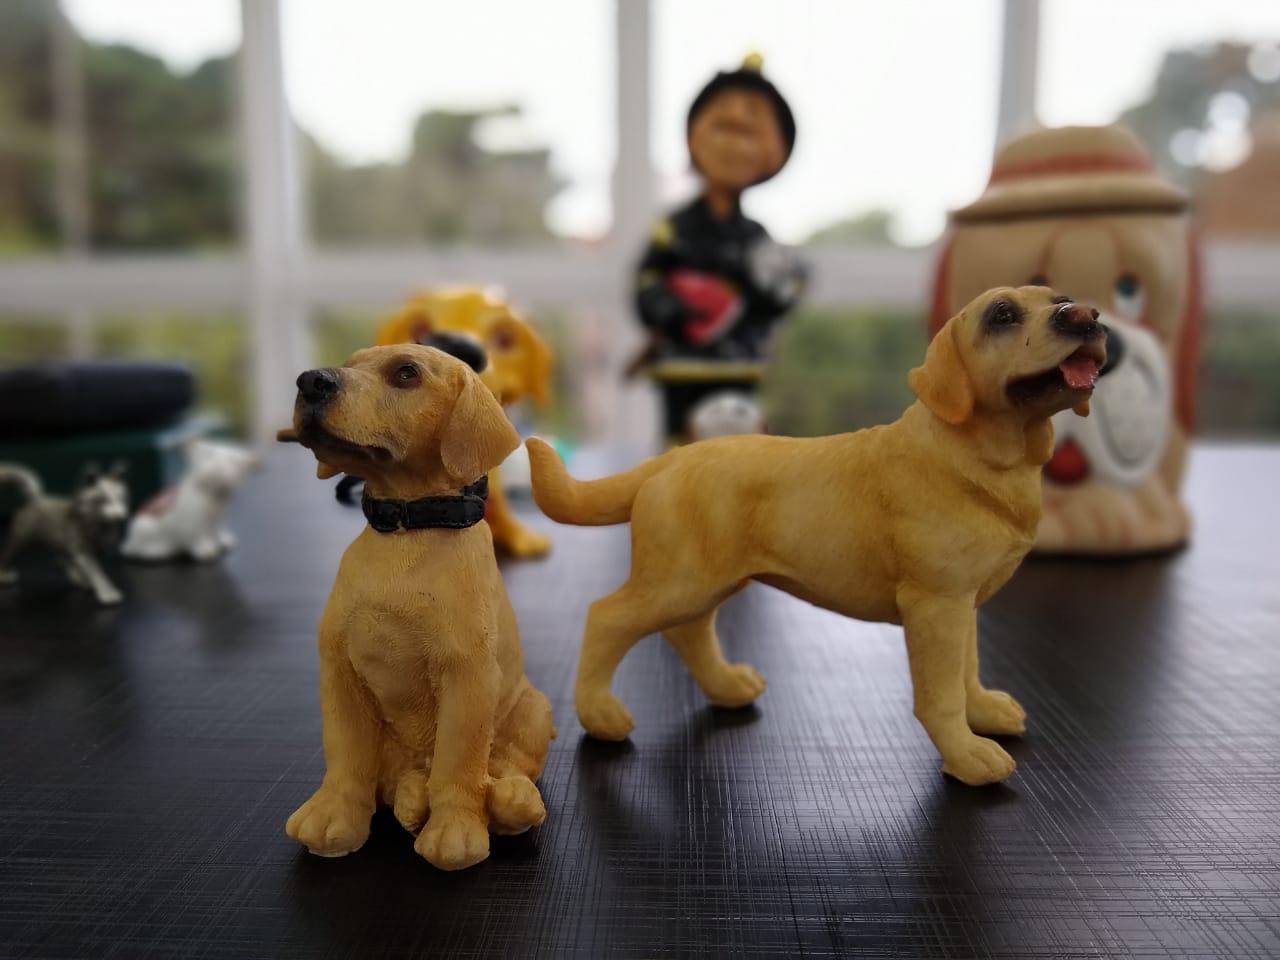 Dois cães em miniaturas comprados em uma loja de utilitários em Florianópolis em 2006 foram o ponta pé inicial para a coleção - Carolina Debiasi/ND